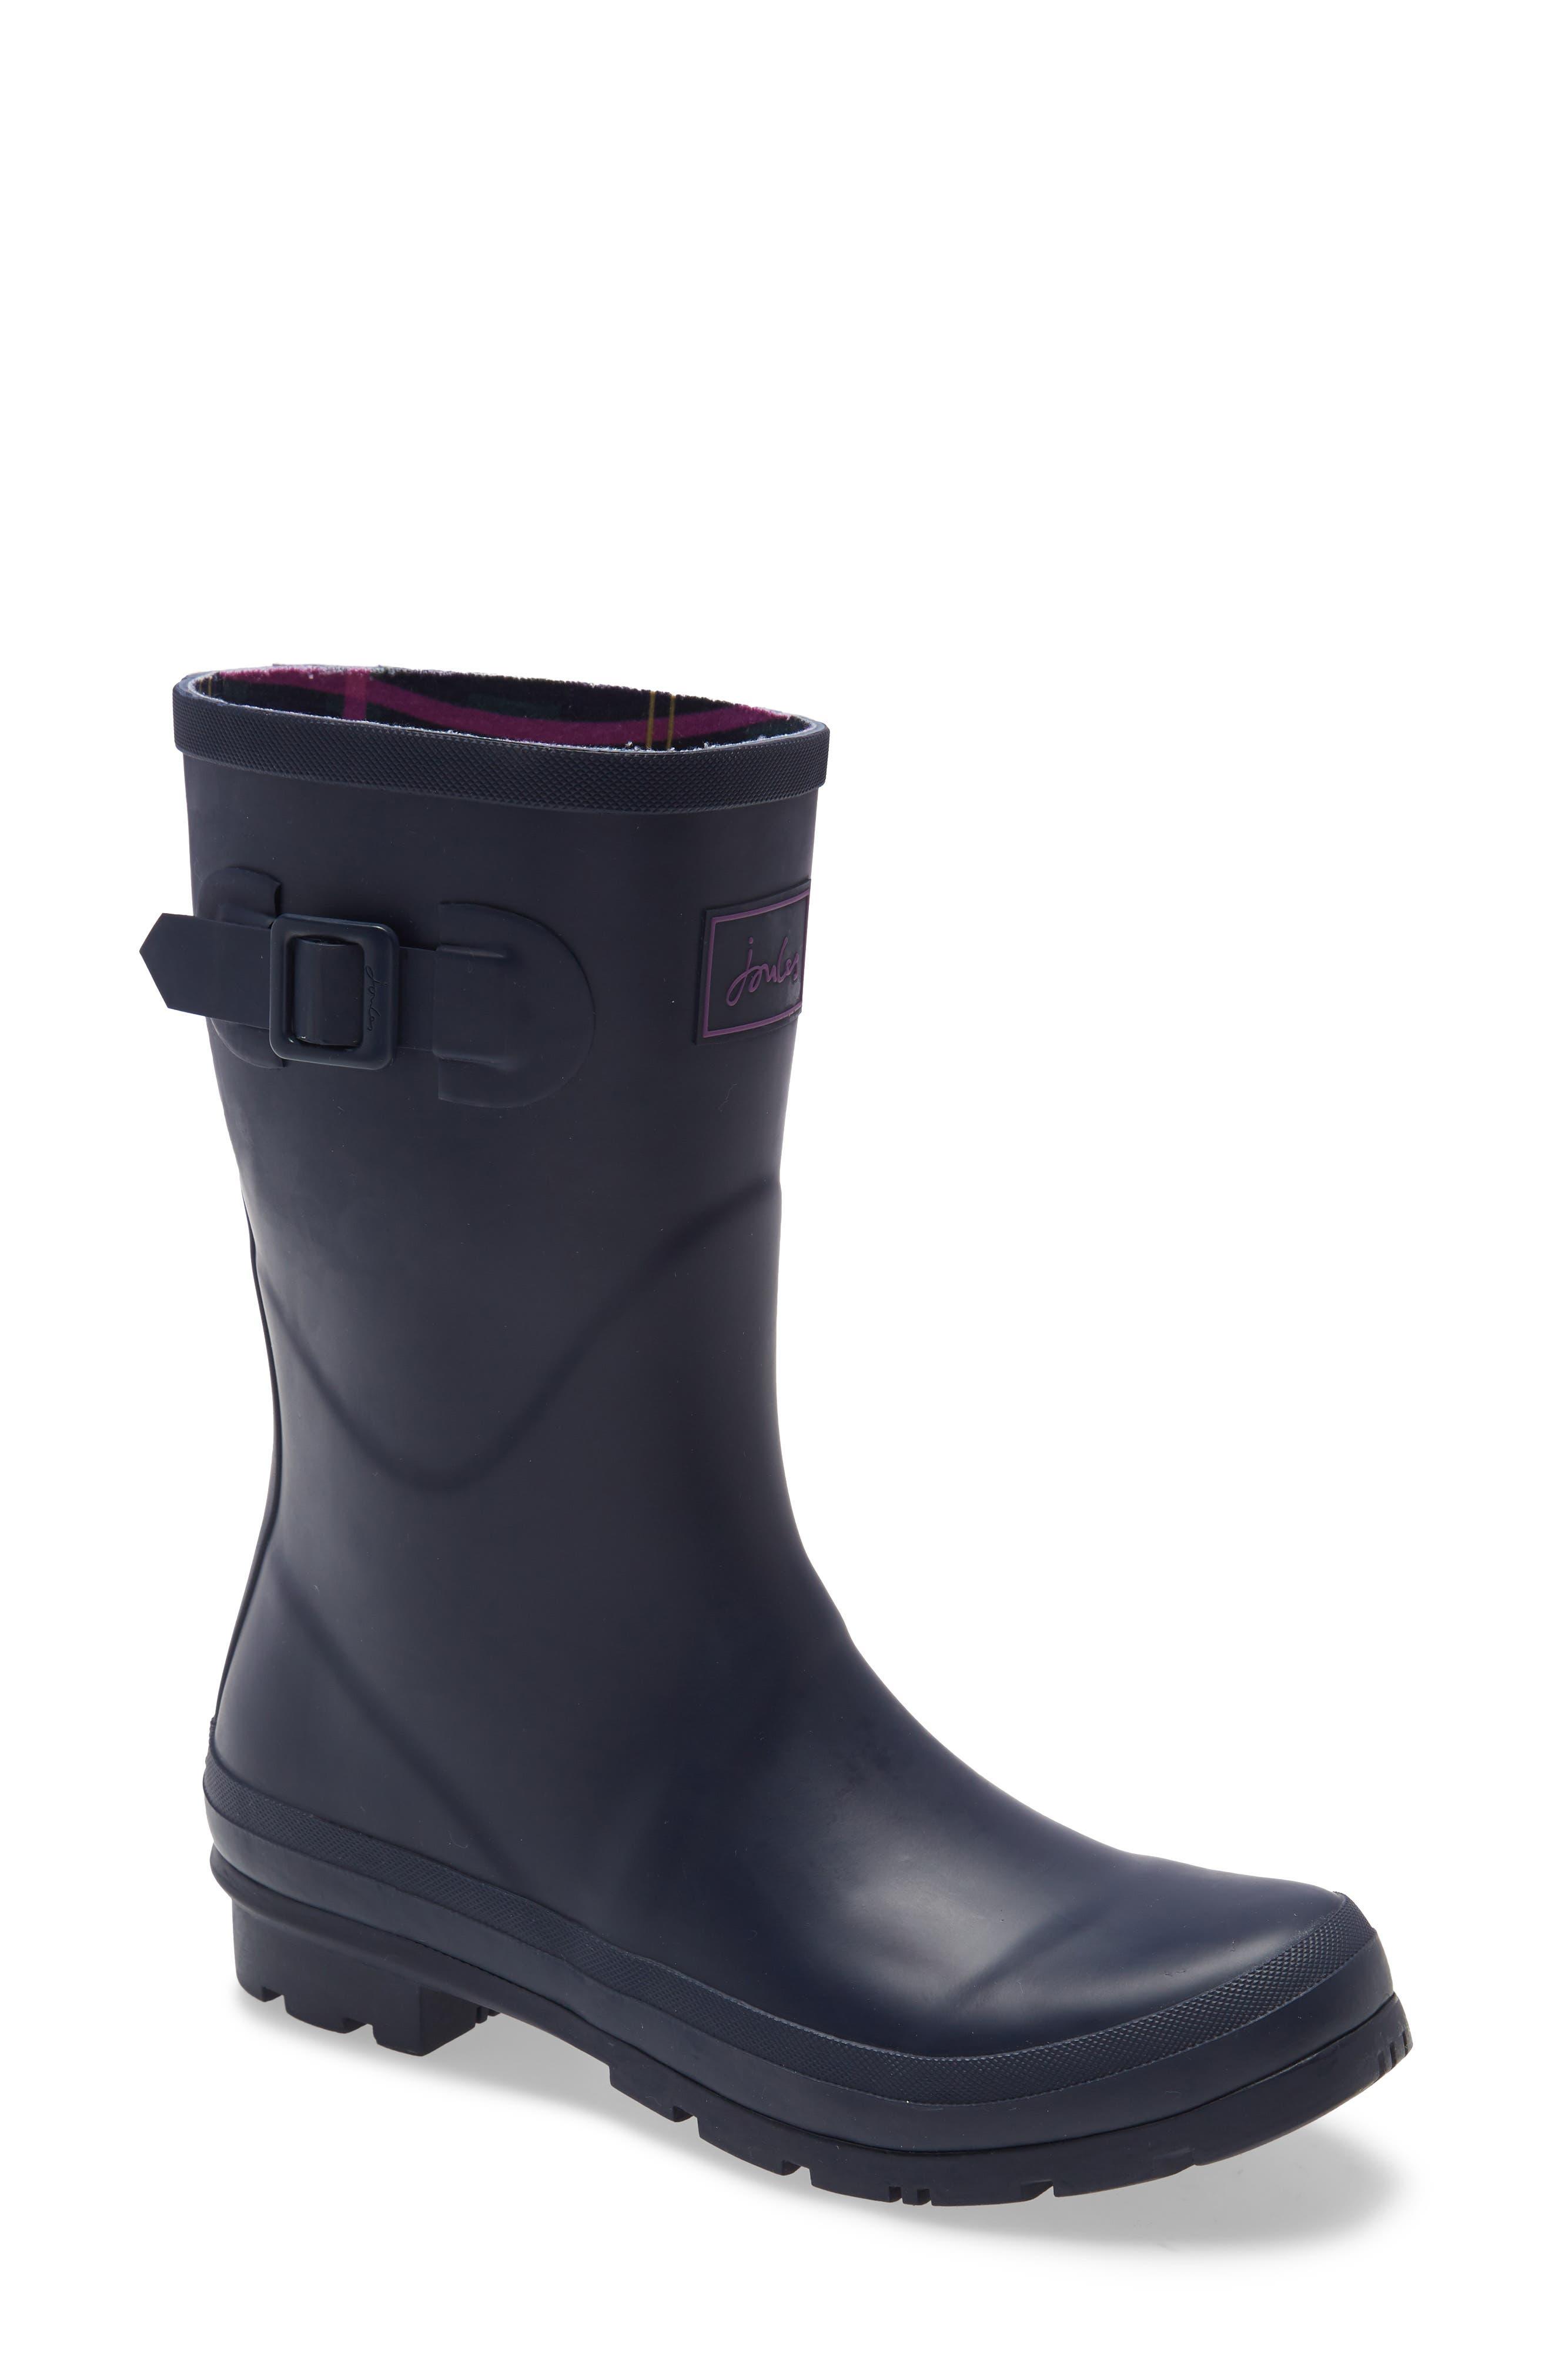 Kelly Welly Waterproof Rain Boot